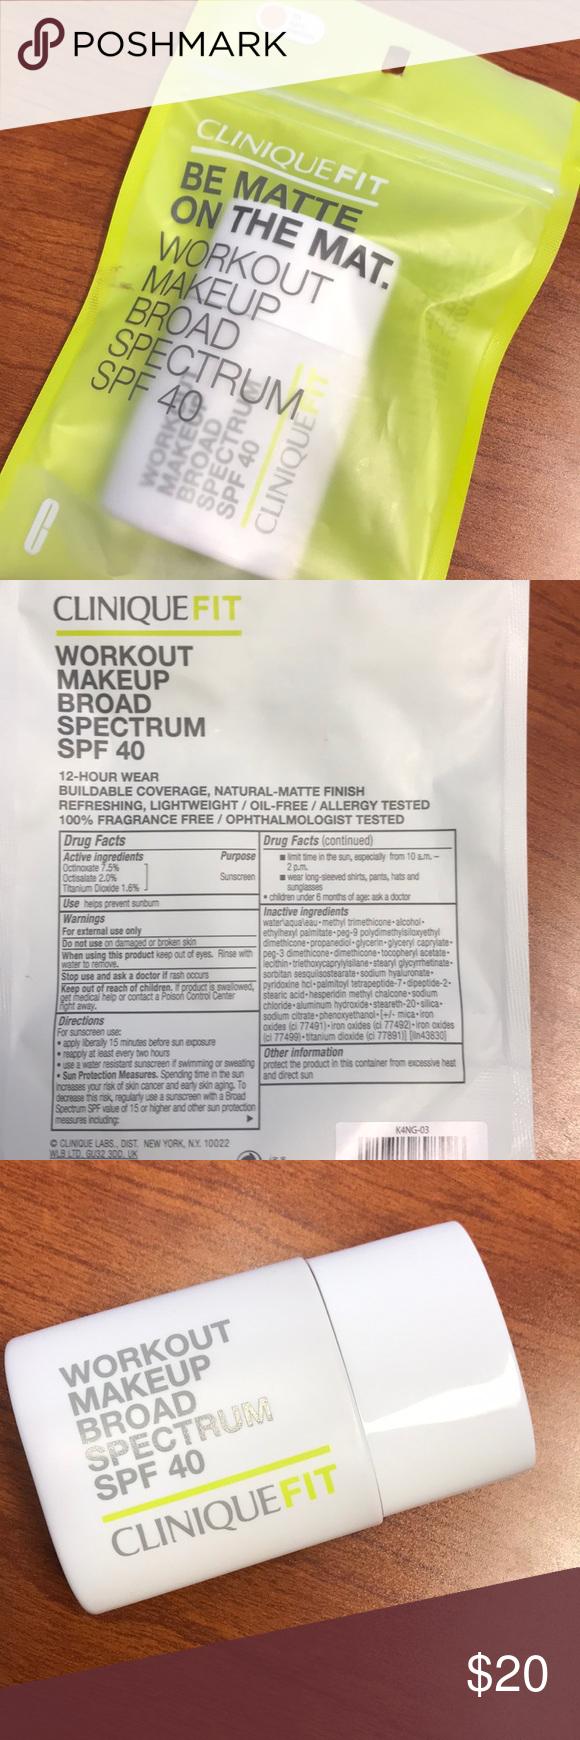 CliniqueFIT liquid foundation • practically new! Liquid